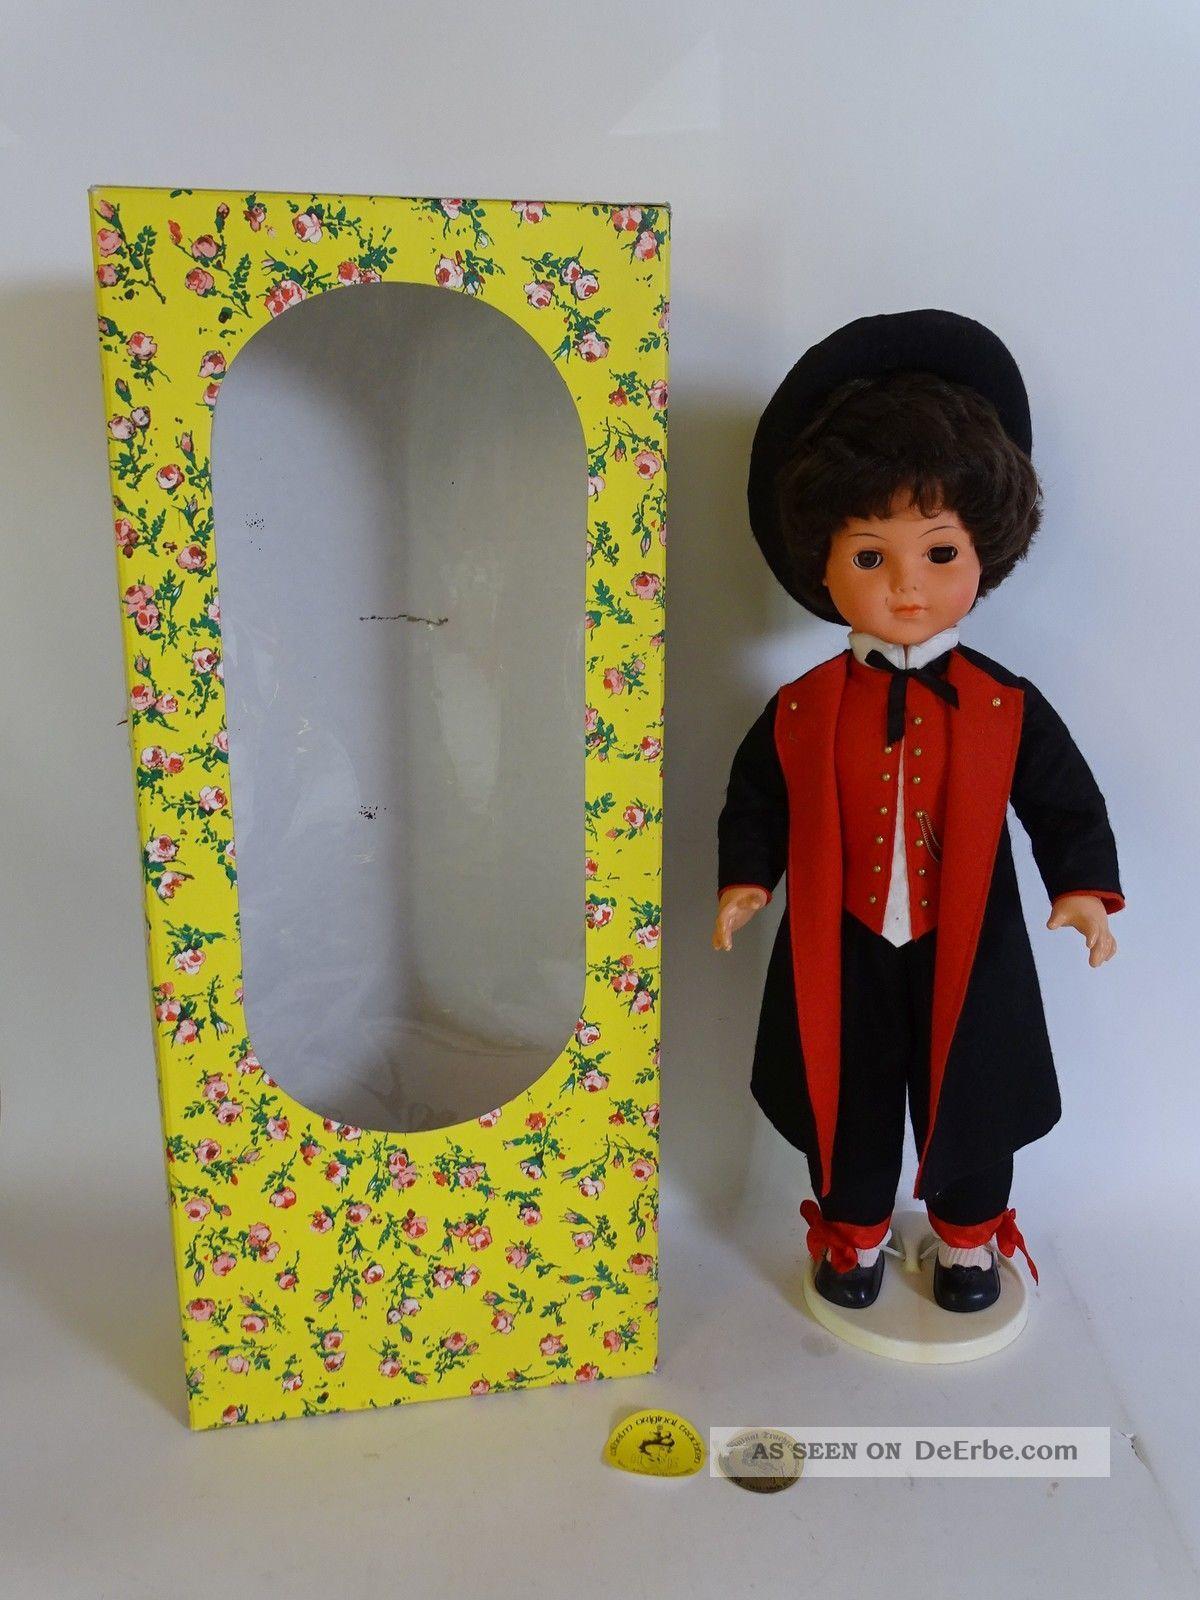 Hwe Wilhelm Große Trachten Puppe Handarbeit Ca.  60 Cm Männlich Puppen & Zubehör Bild